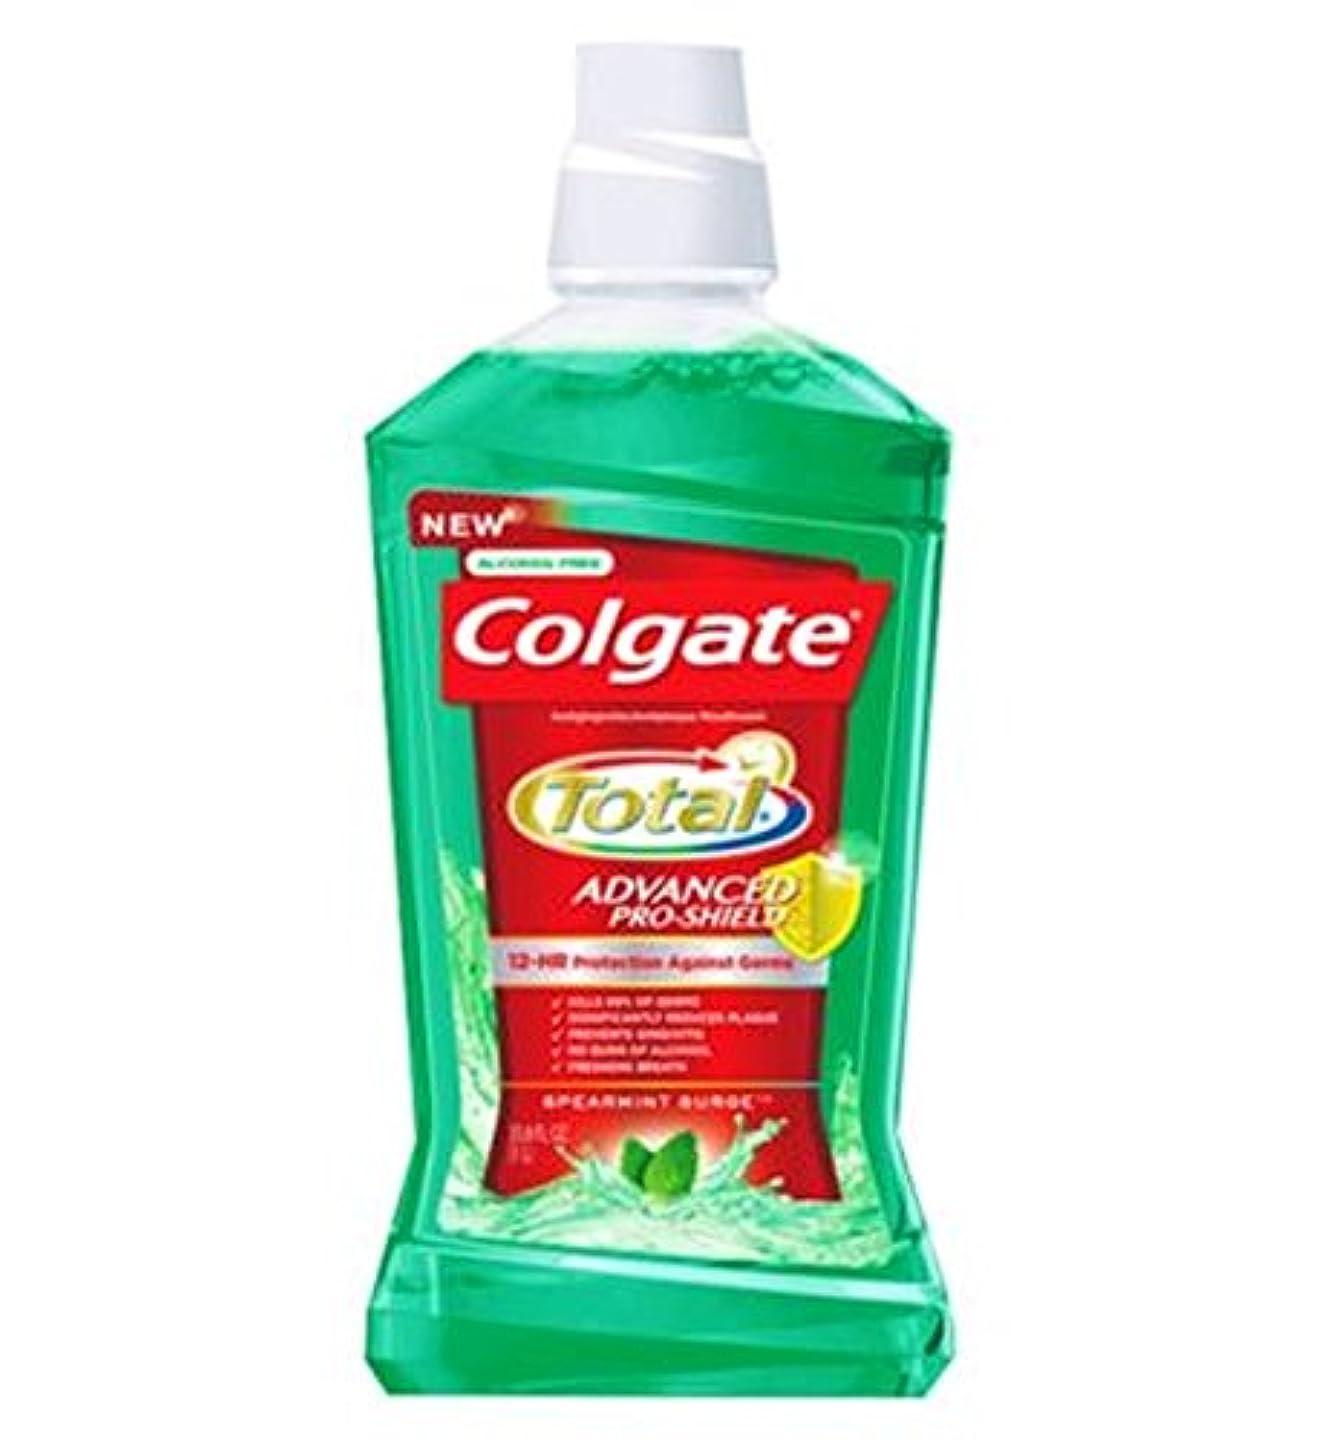 里親禁止するストローColgate Mouthrinse Total Green 500ml - コルゲートの口内洗浄剤の合計緑500ミリリットル (Colgate) [並行輸入品]